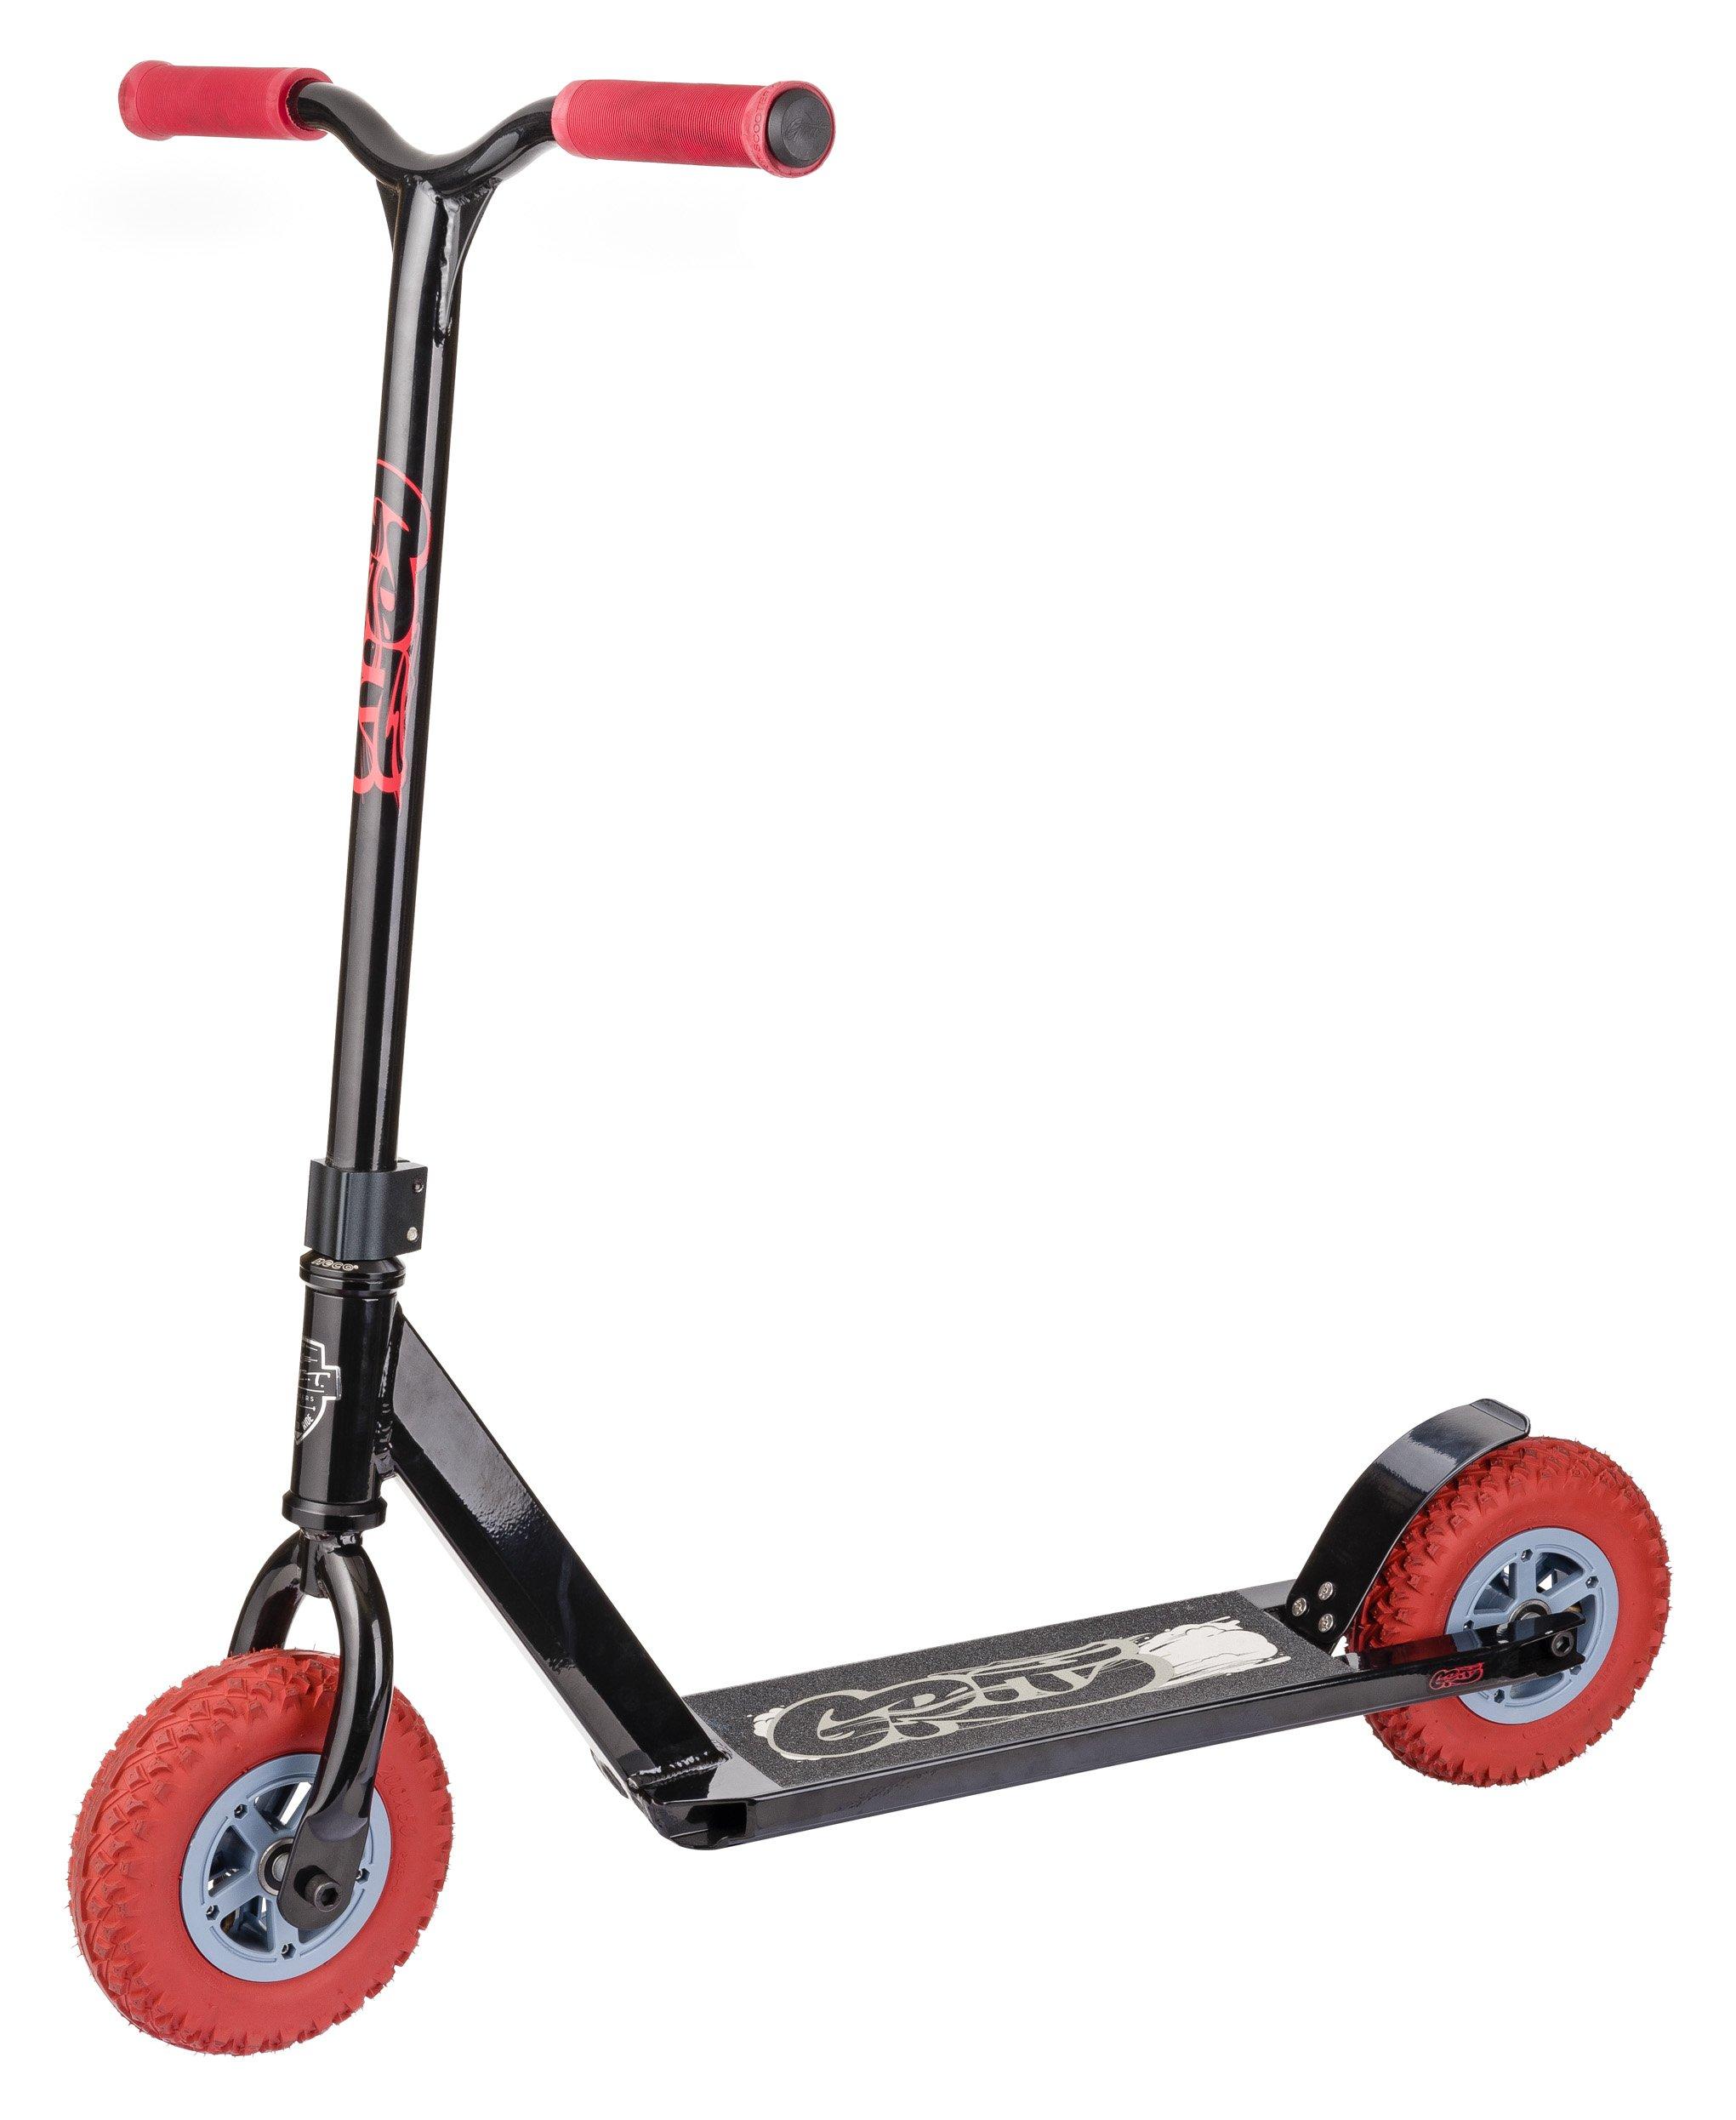 Grit D1 Dirt Pro Scooter (Black)